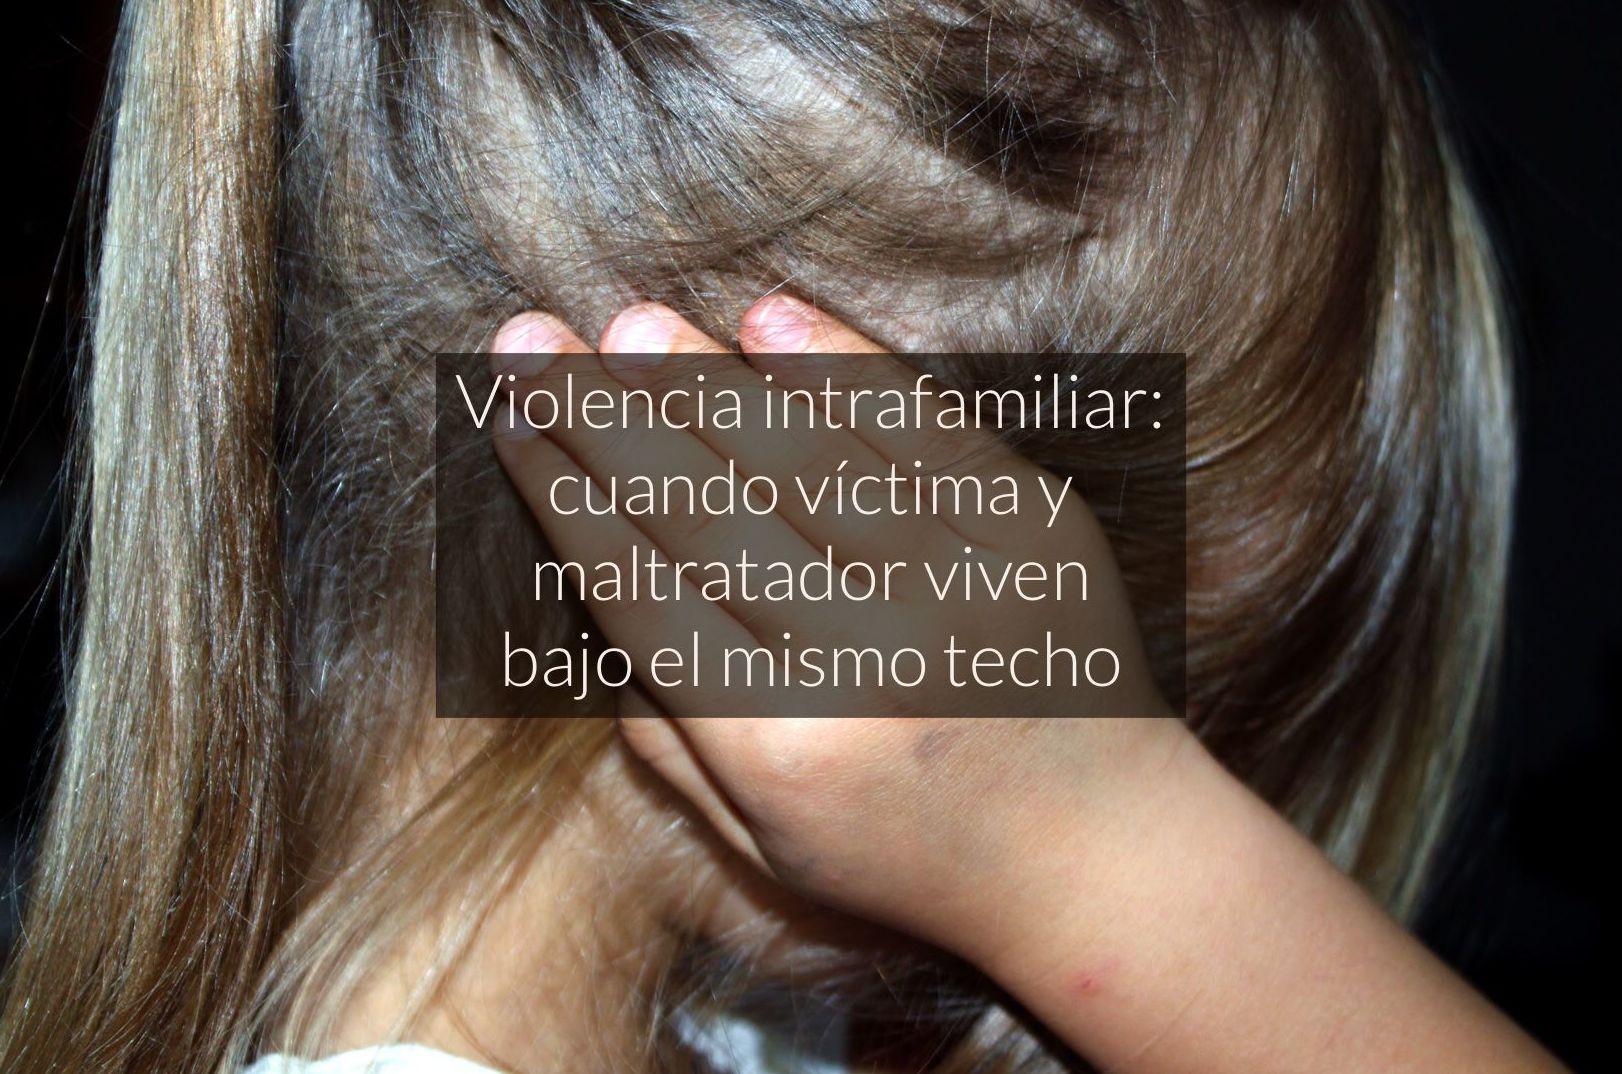 Violencia intrafamiliar: cuando víctima y maltratador viven bajo el mismo techo